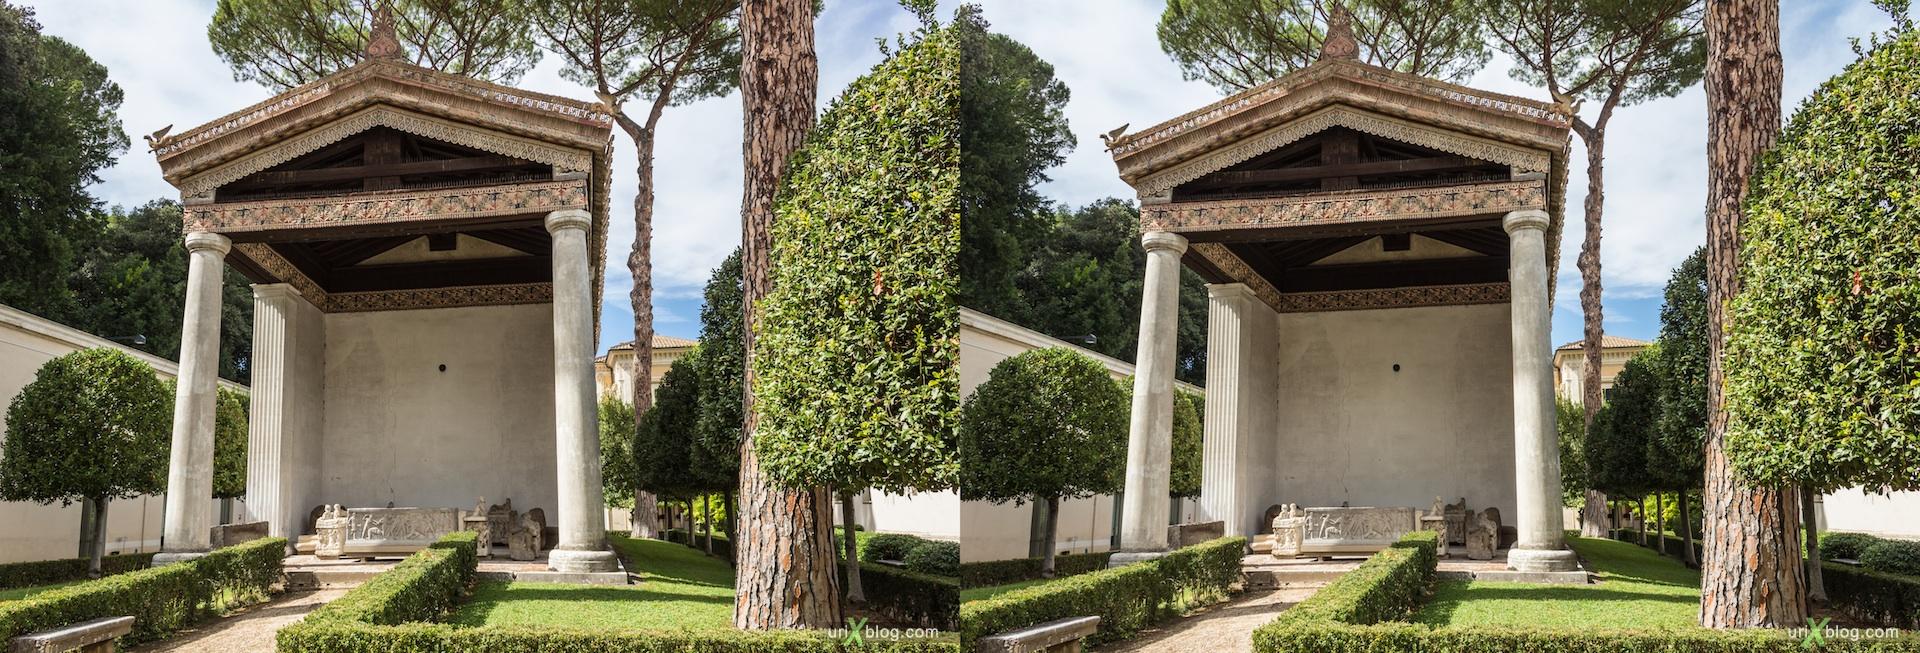 2012, вилла Джулия, музей Этрусков, Рим, Италия, 3D, перекрёстные стереопары, стерео, стереопара, стереопары